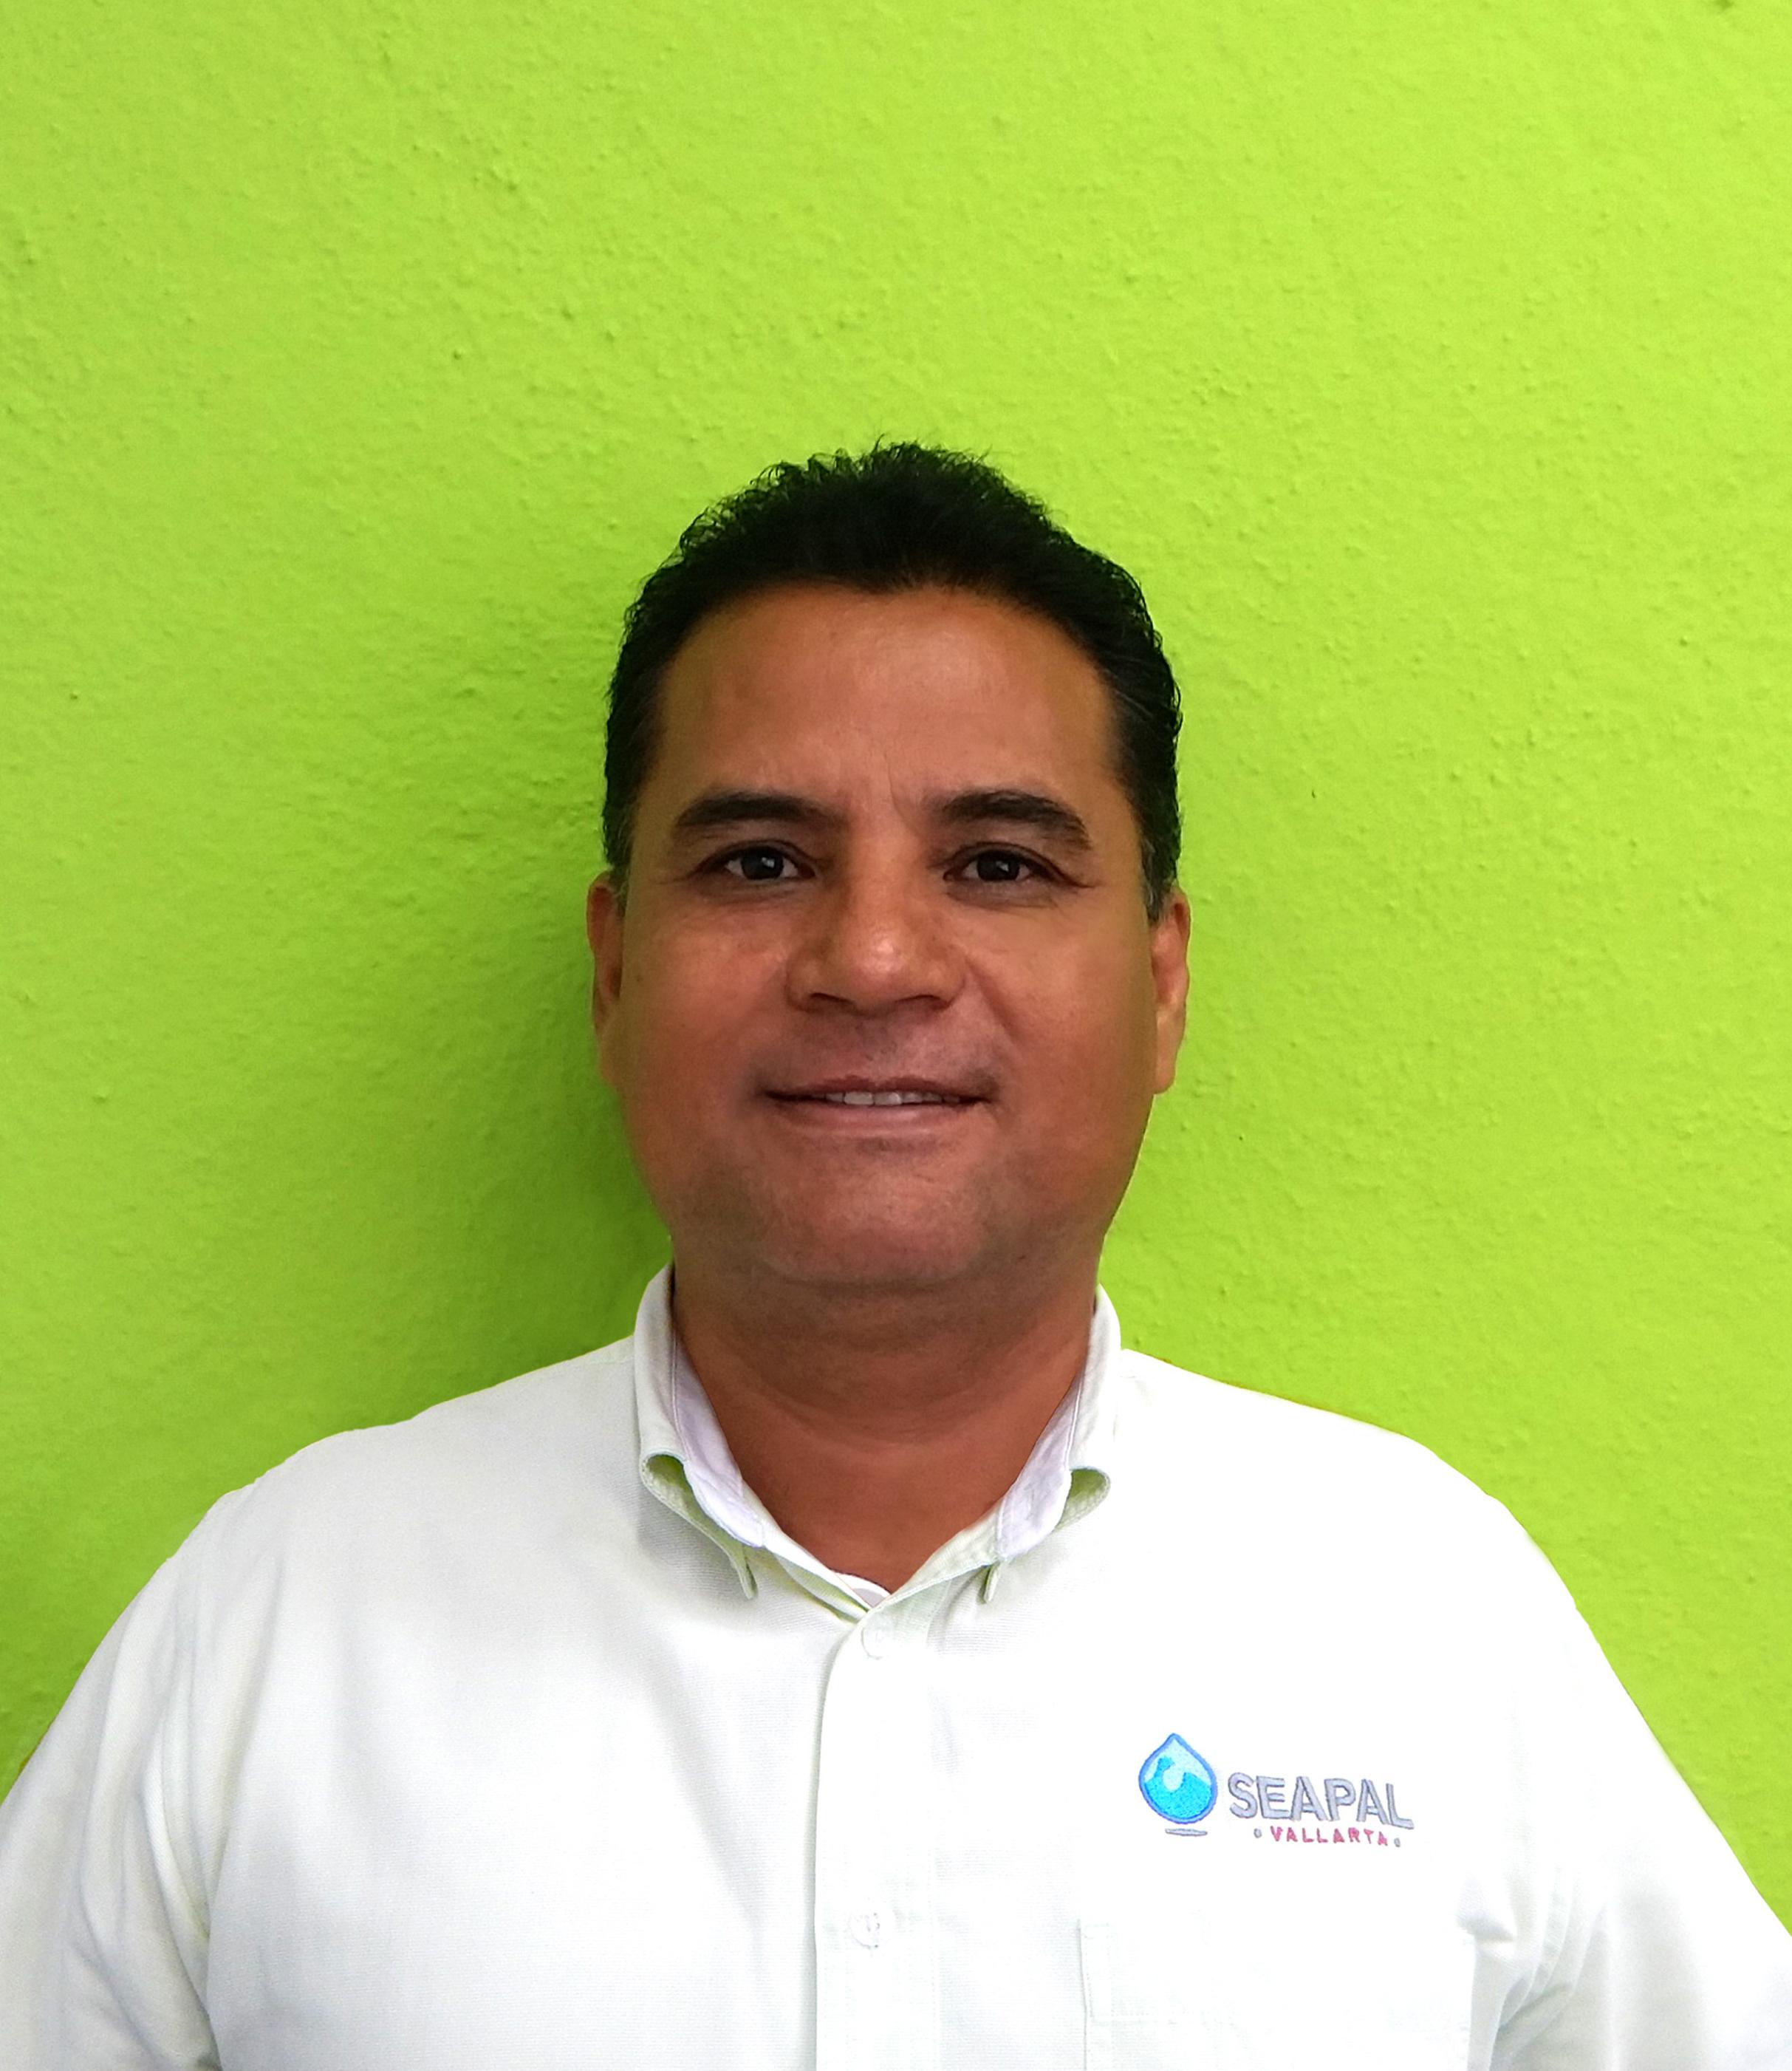 Lic. Gregorio Peña Montes